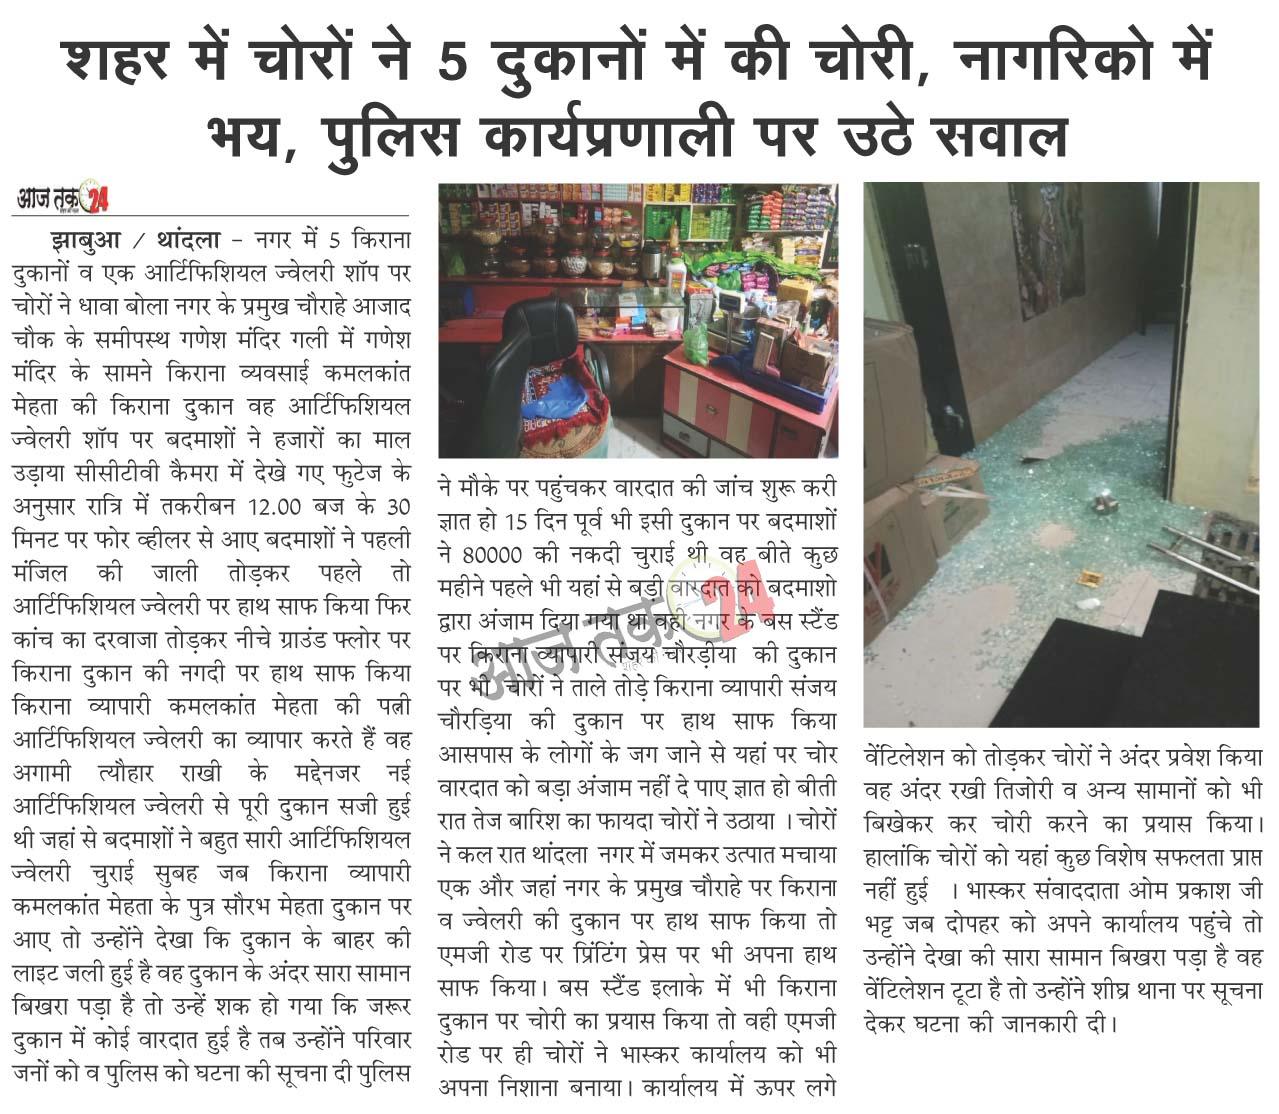 शहर में चोरों ने 5 दुकानों में की चोरी, नागरिको में भय, पुलिस कार्यप्रणाली पर उठे सवाल |   shahar me choro ne 5 dukano me ki chori ,nagriko me bhay police karypranali per uthe swal